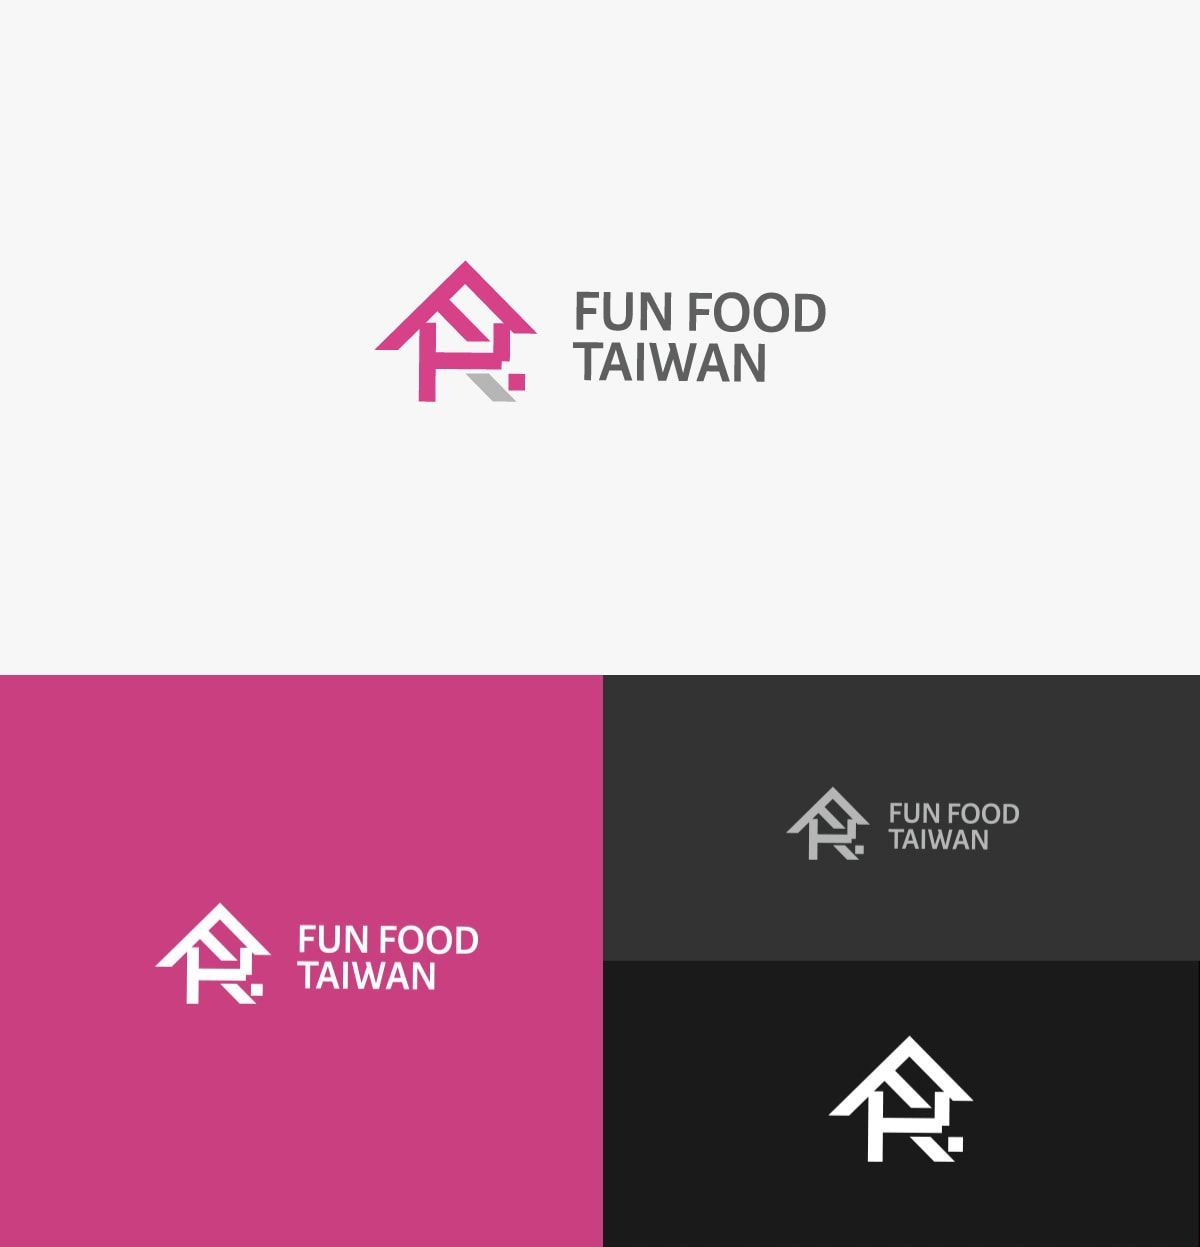 食品認證標章LOGO設計-顏色設定